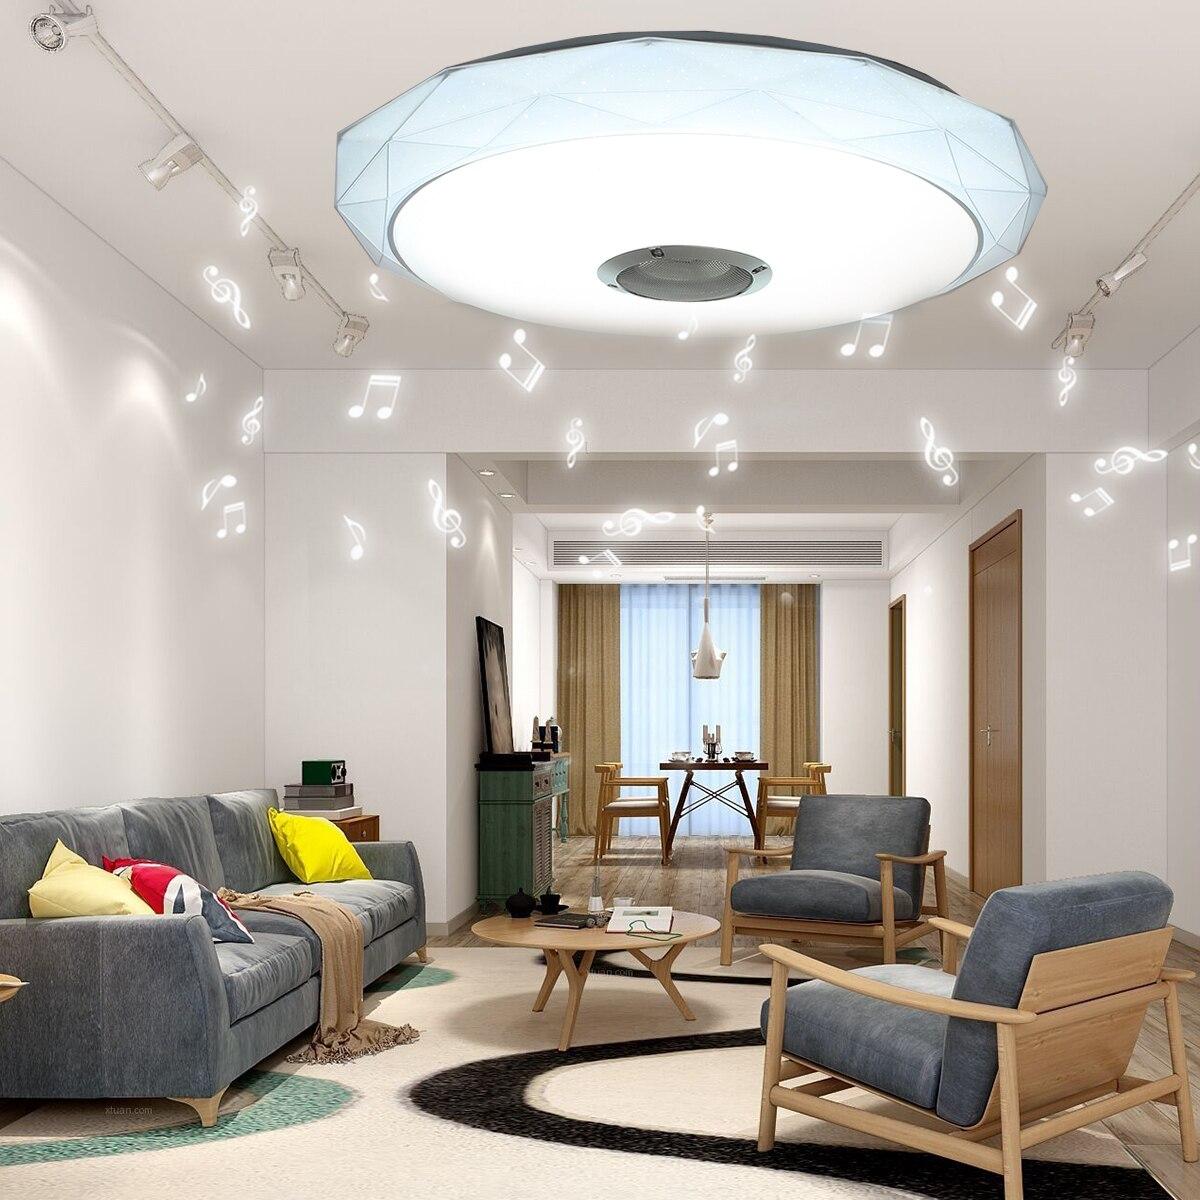 Светодиодный светодио дный потолочный светильник RGB с регулируемой яркостью 36 Вт с приложением управления Bluetooth динамиком музыка потолочны...